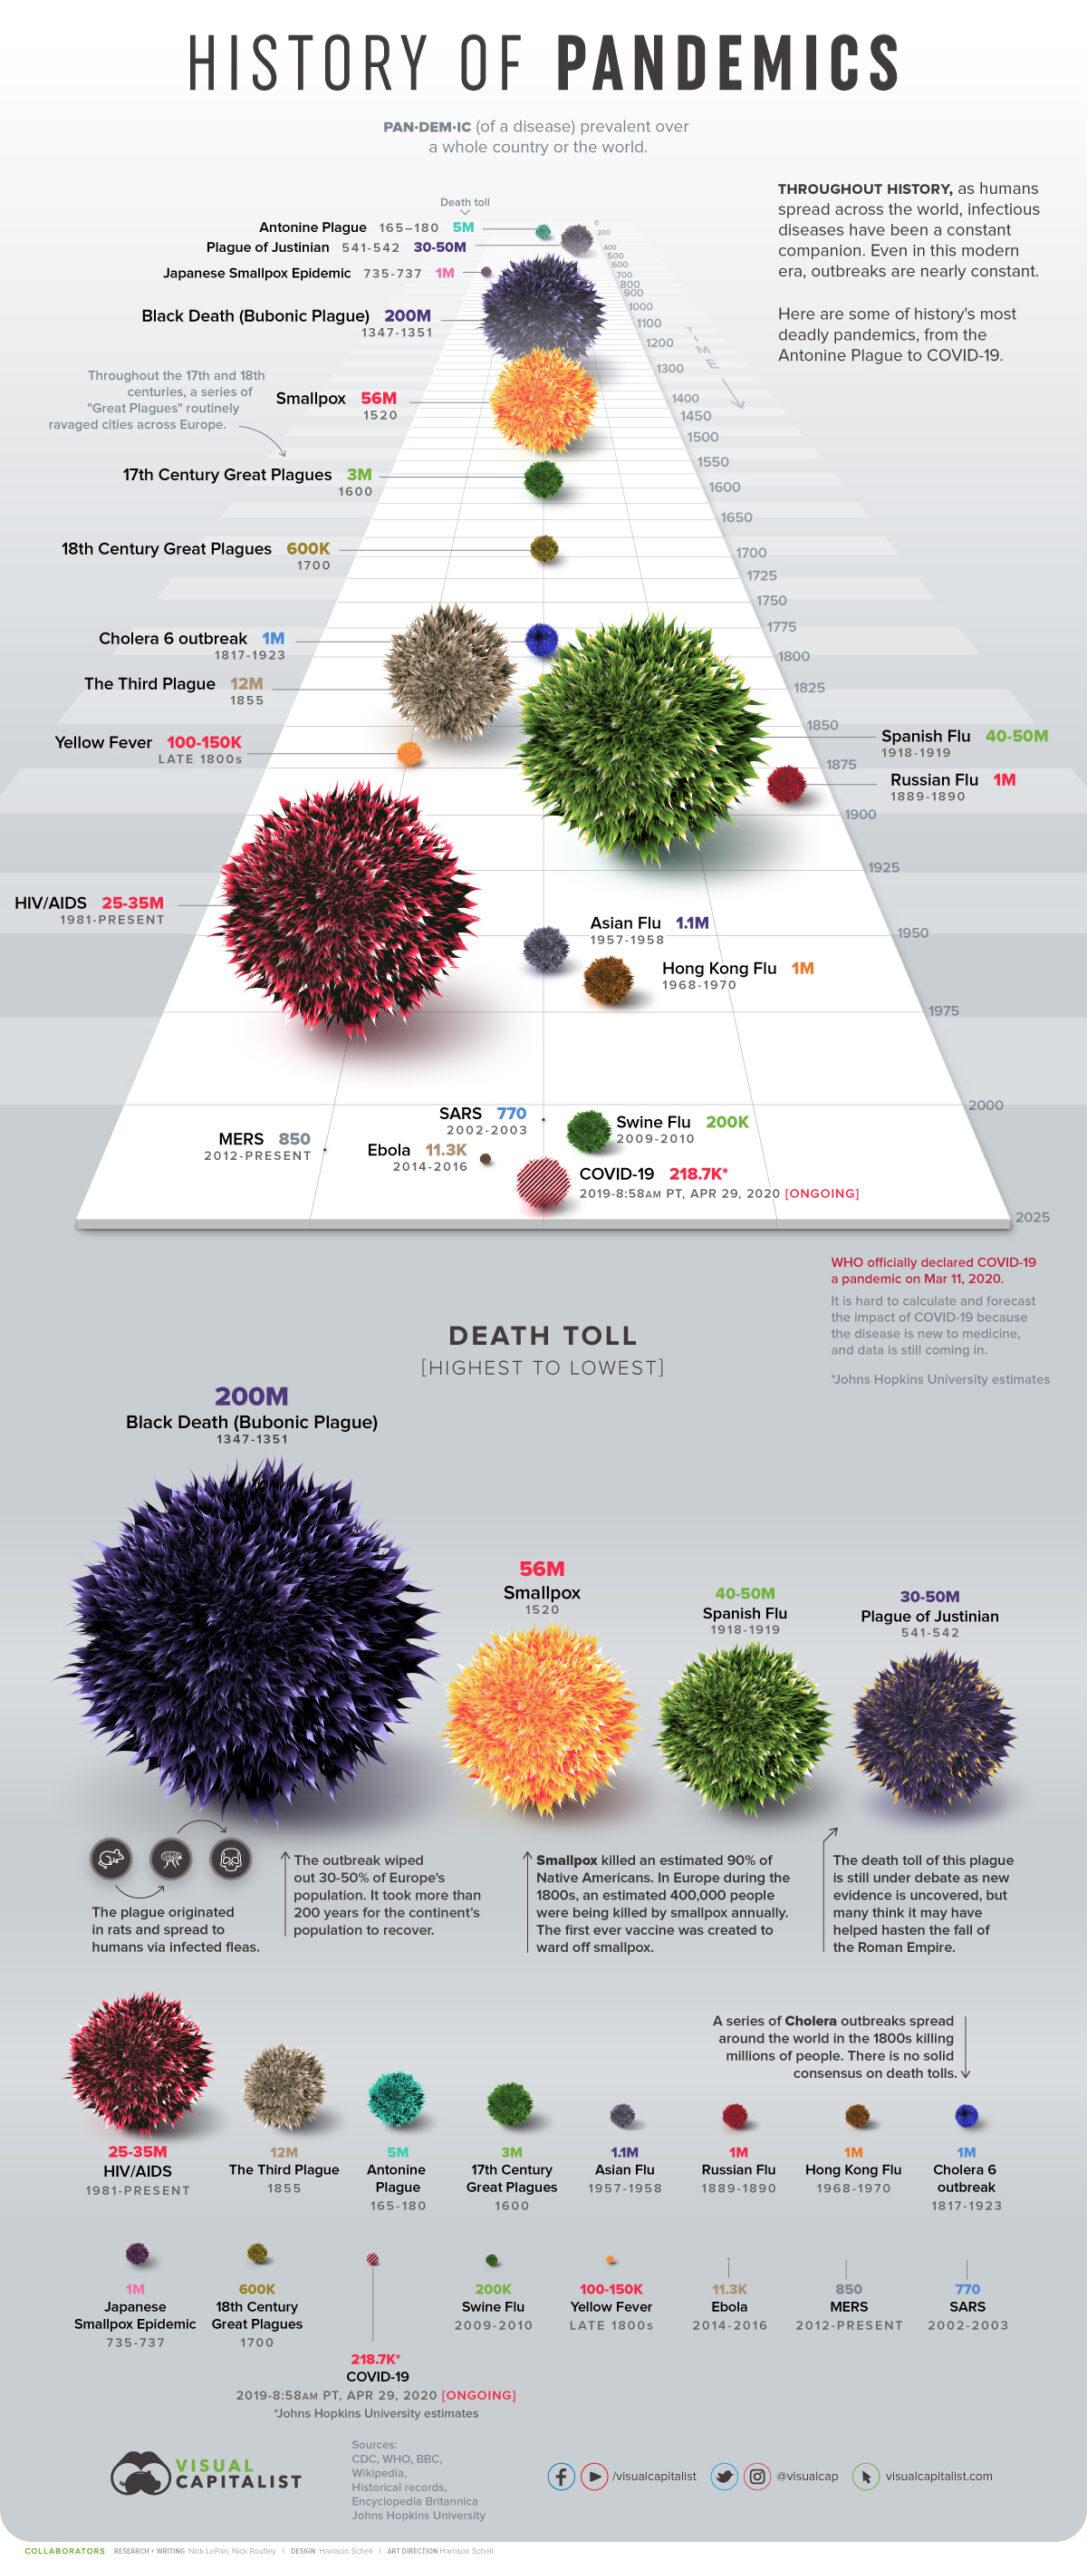 Histry of viruses